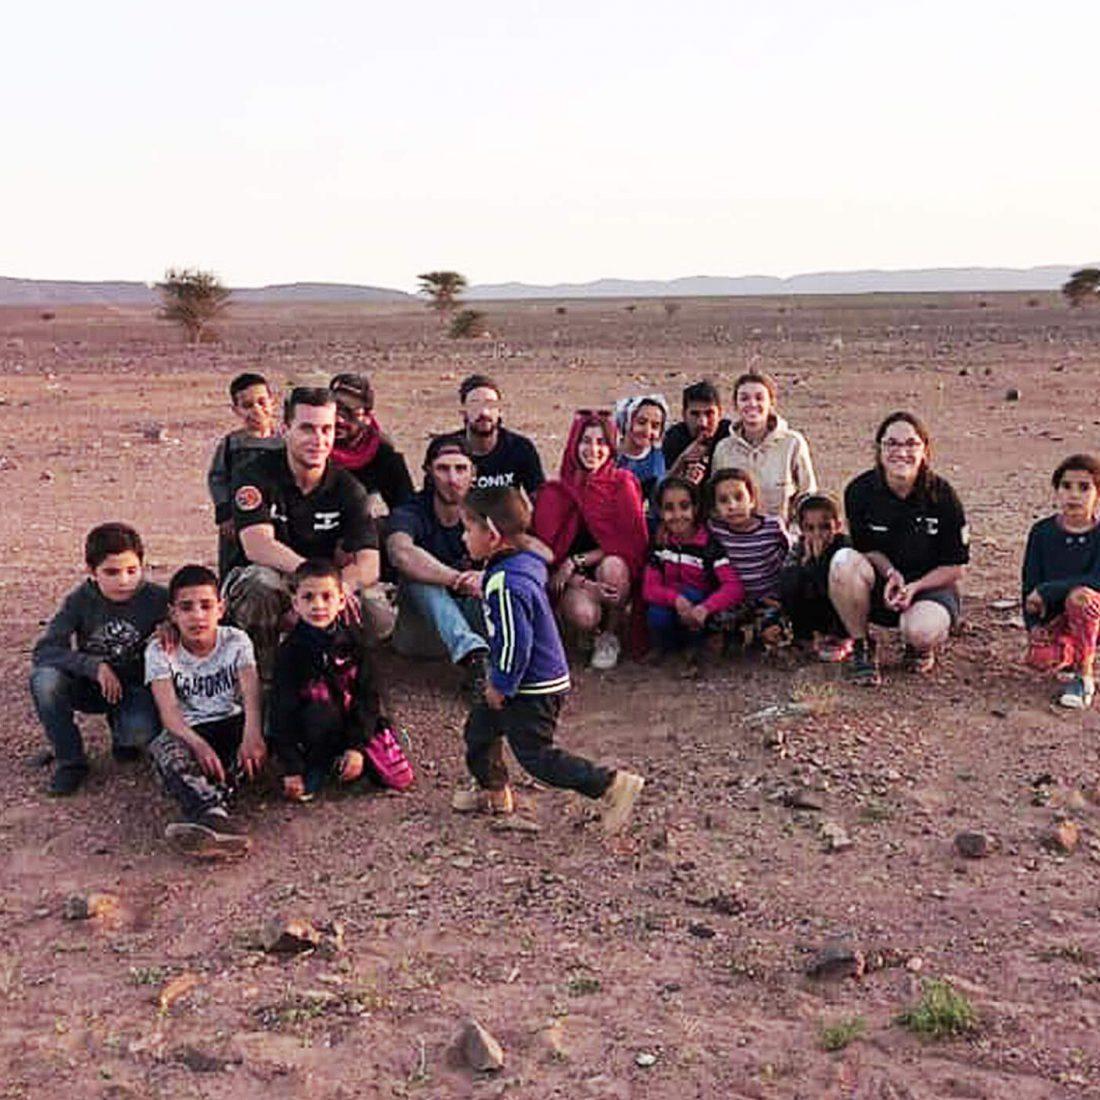 3ds-groupe-4lfilante-4ltrophy-desert-course-rallye-etudiant